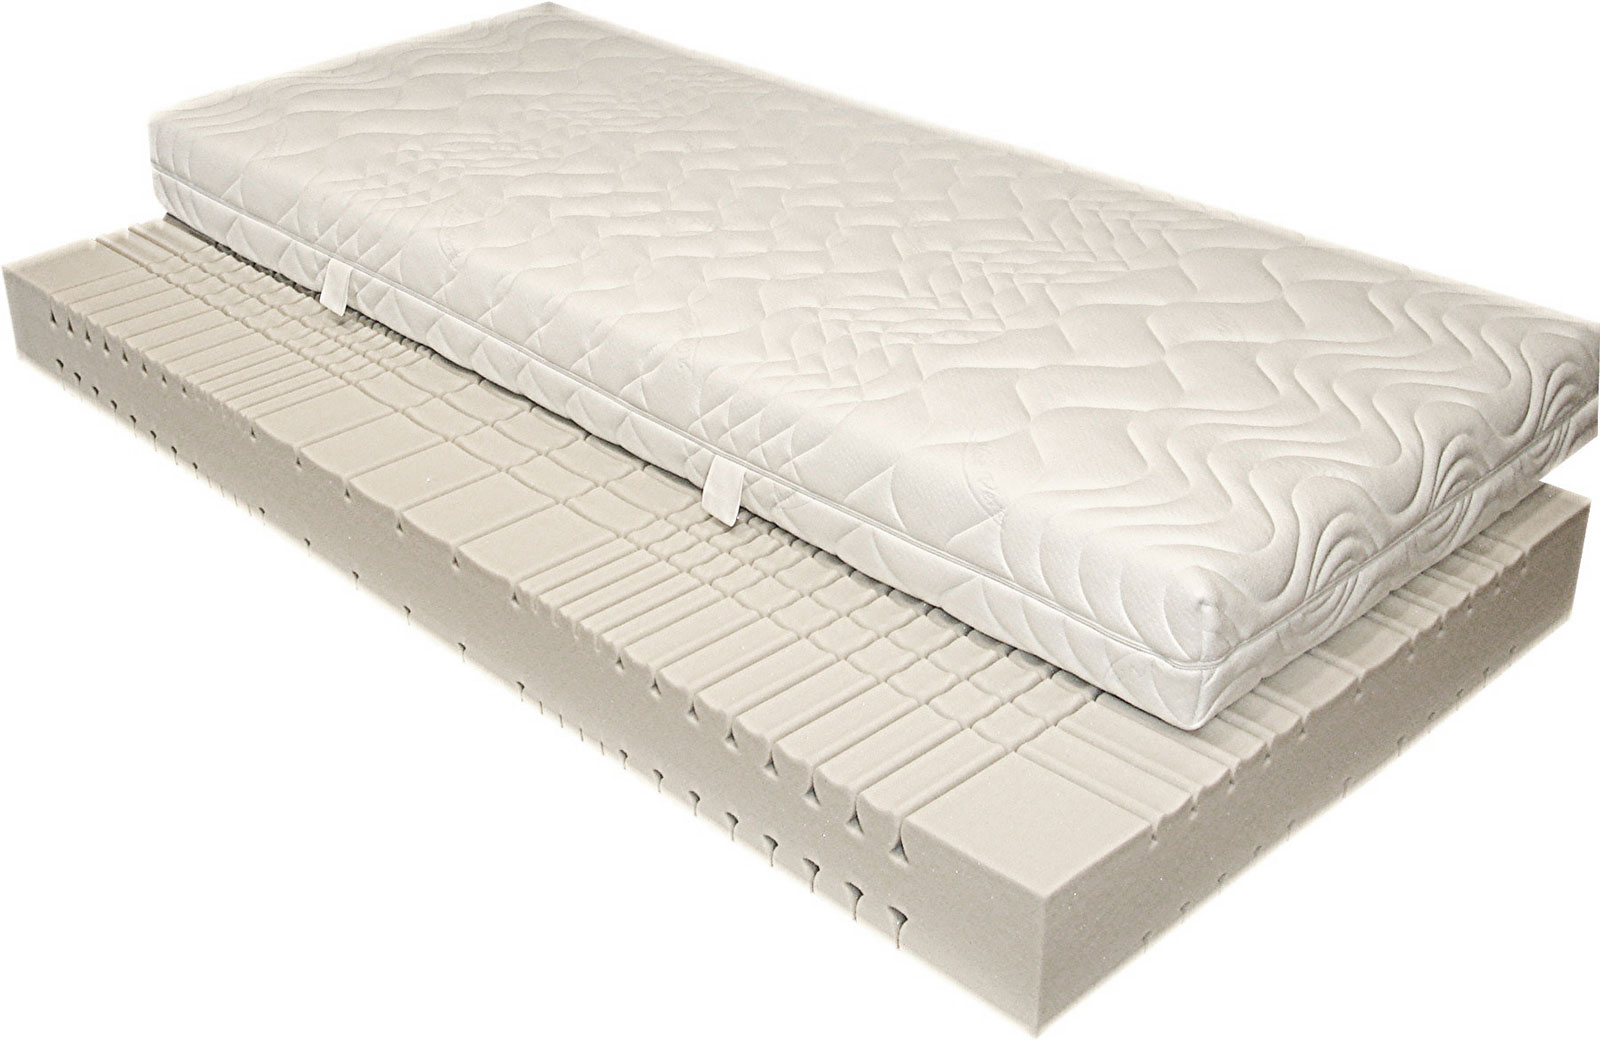 sam 7 zonen kaltschaum h4 matratze 80 x 200 cm komfort. Black Bedroom Furniture Sets. Home Design Ideas